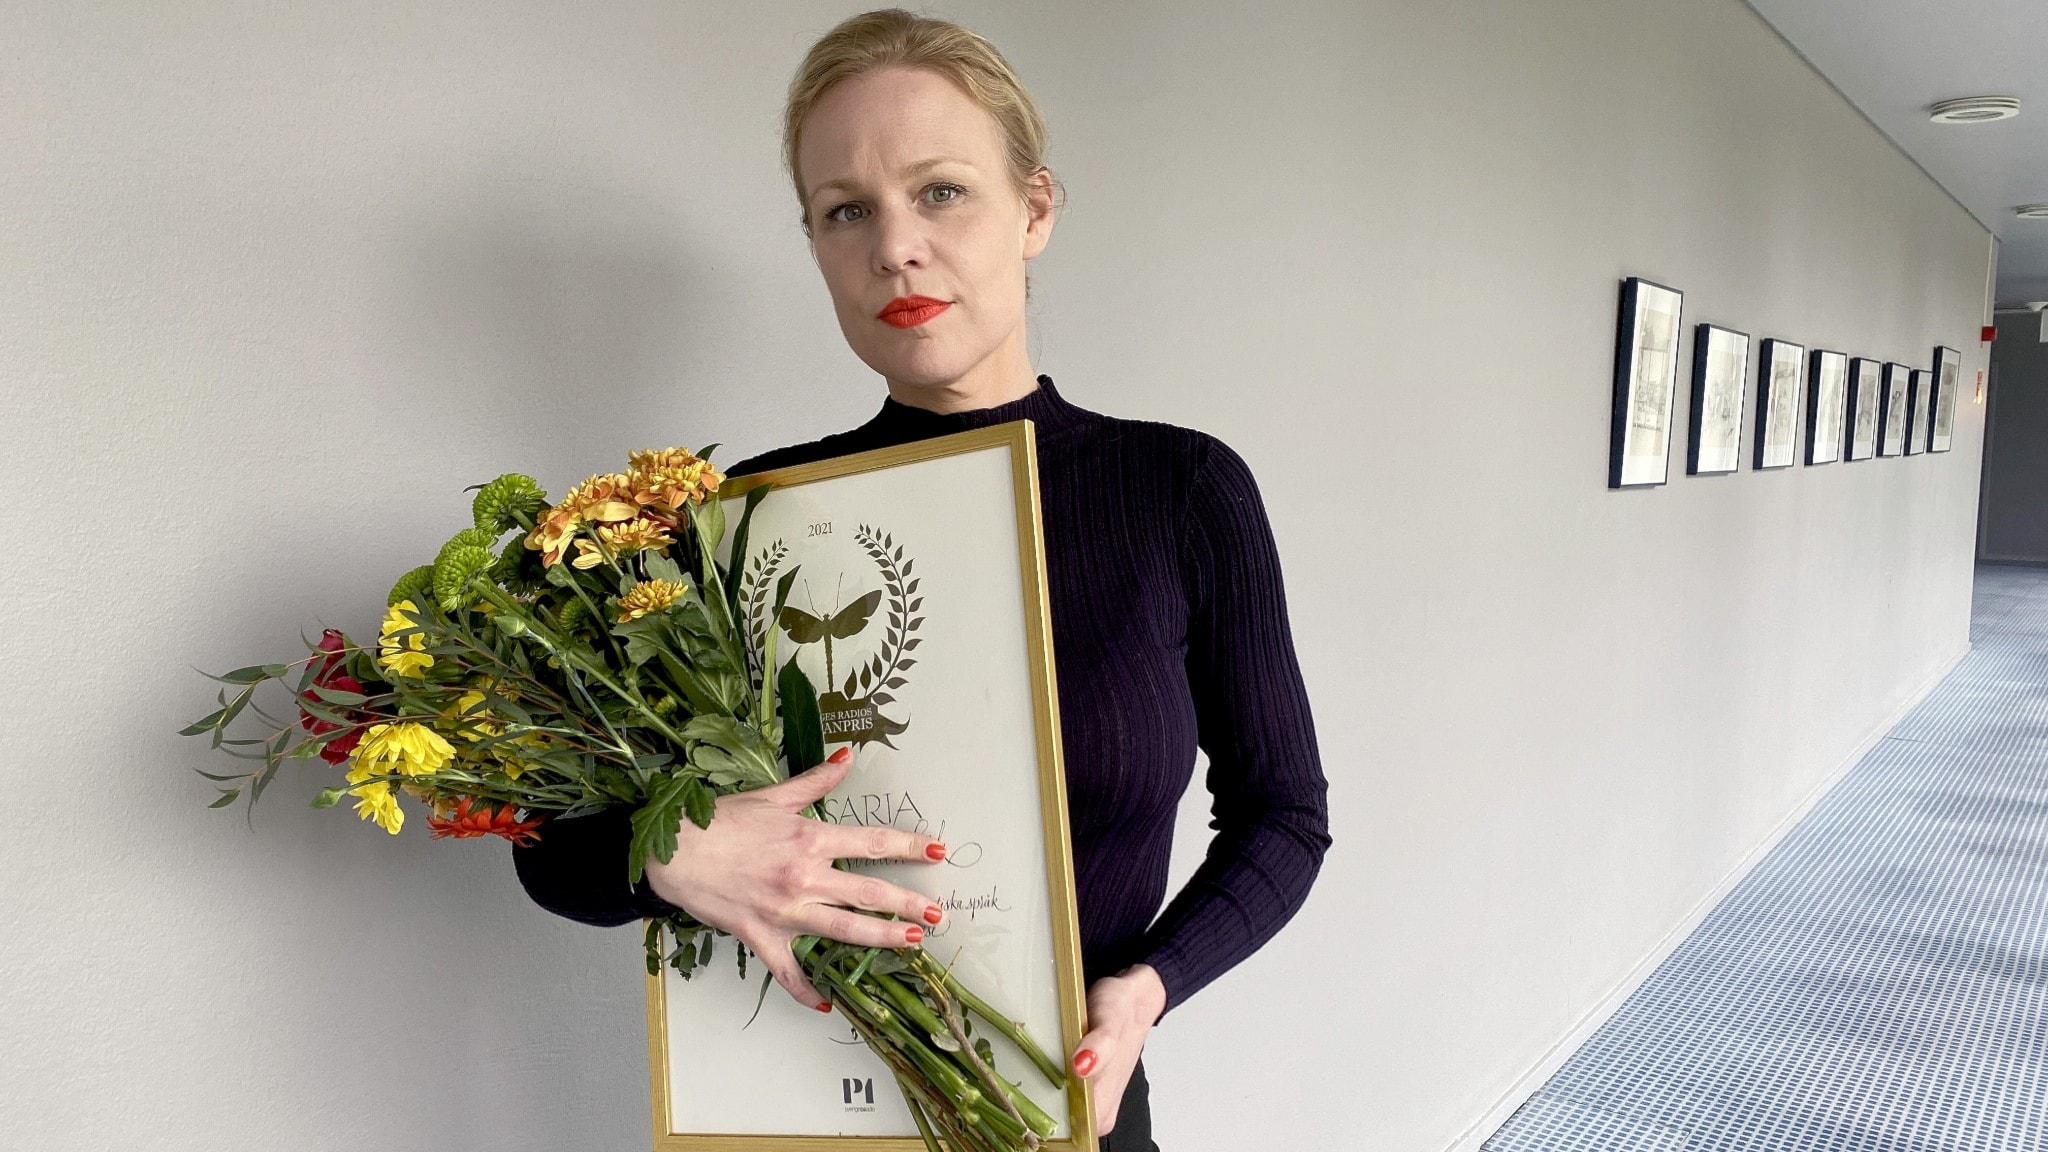 Vinnare av romanpriset, Sveriges radios romanpris 2021, Hanna Nordenhök med diplom och blombukett.